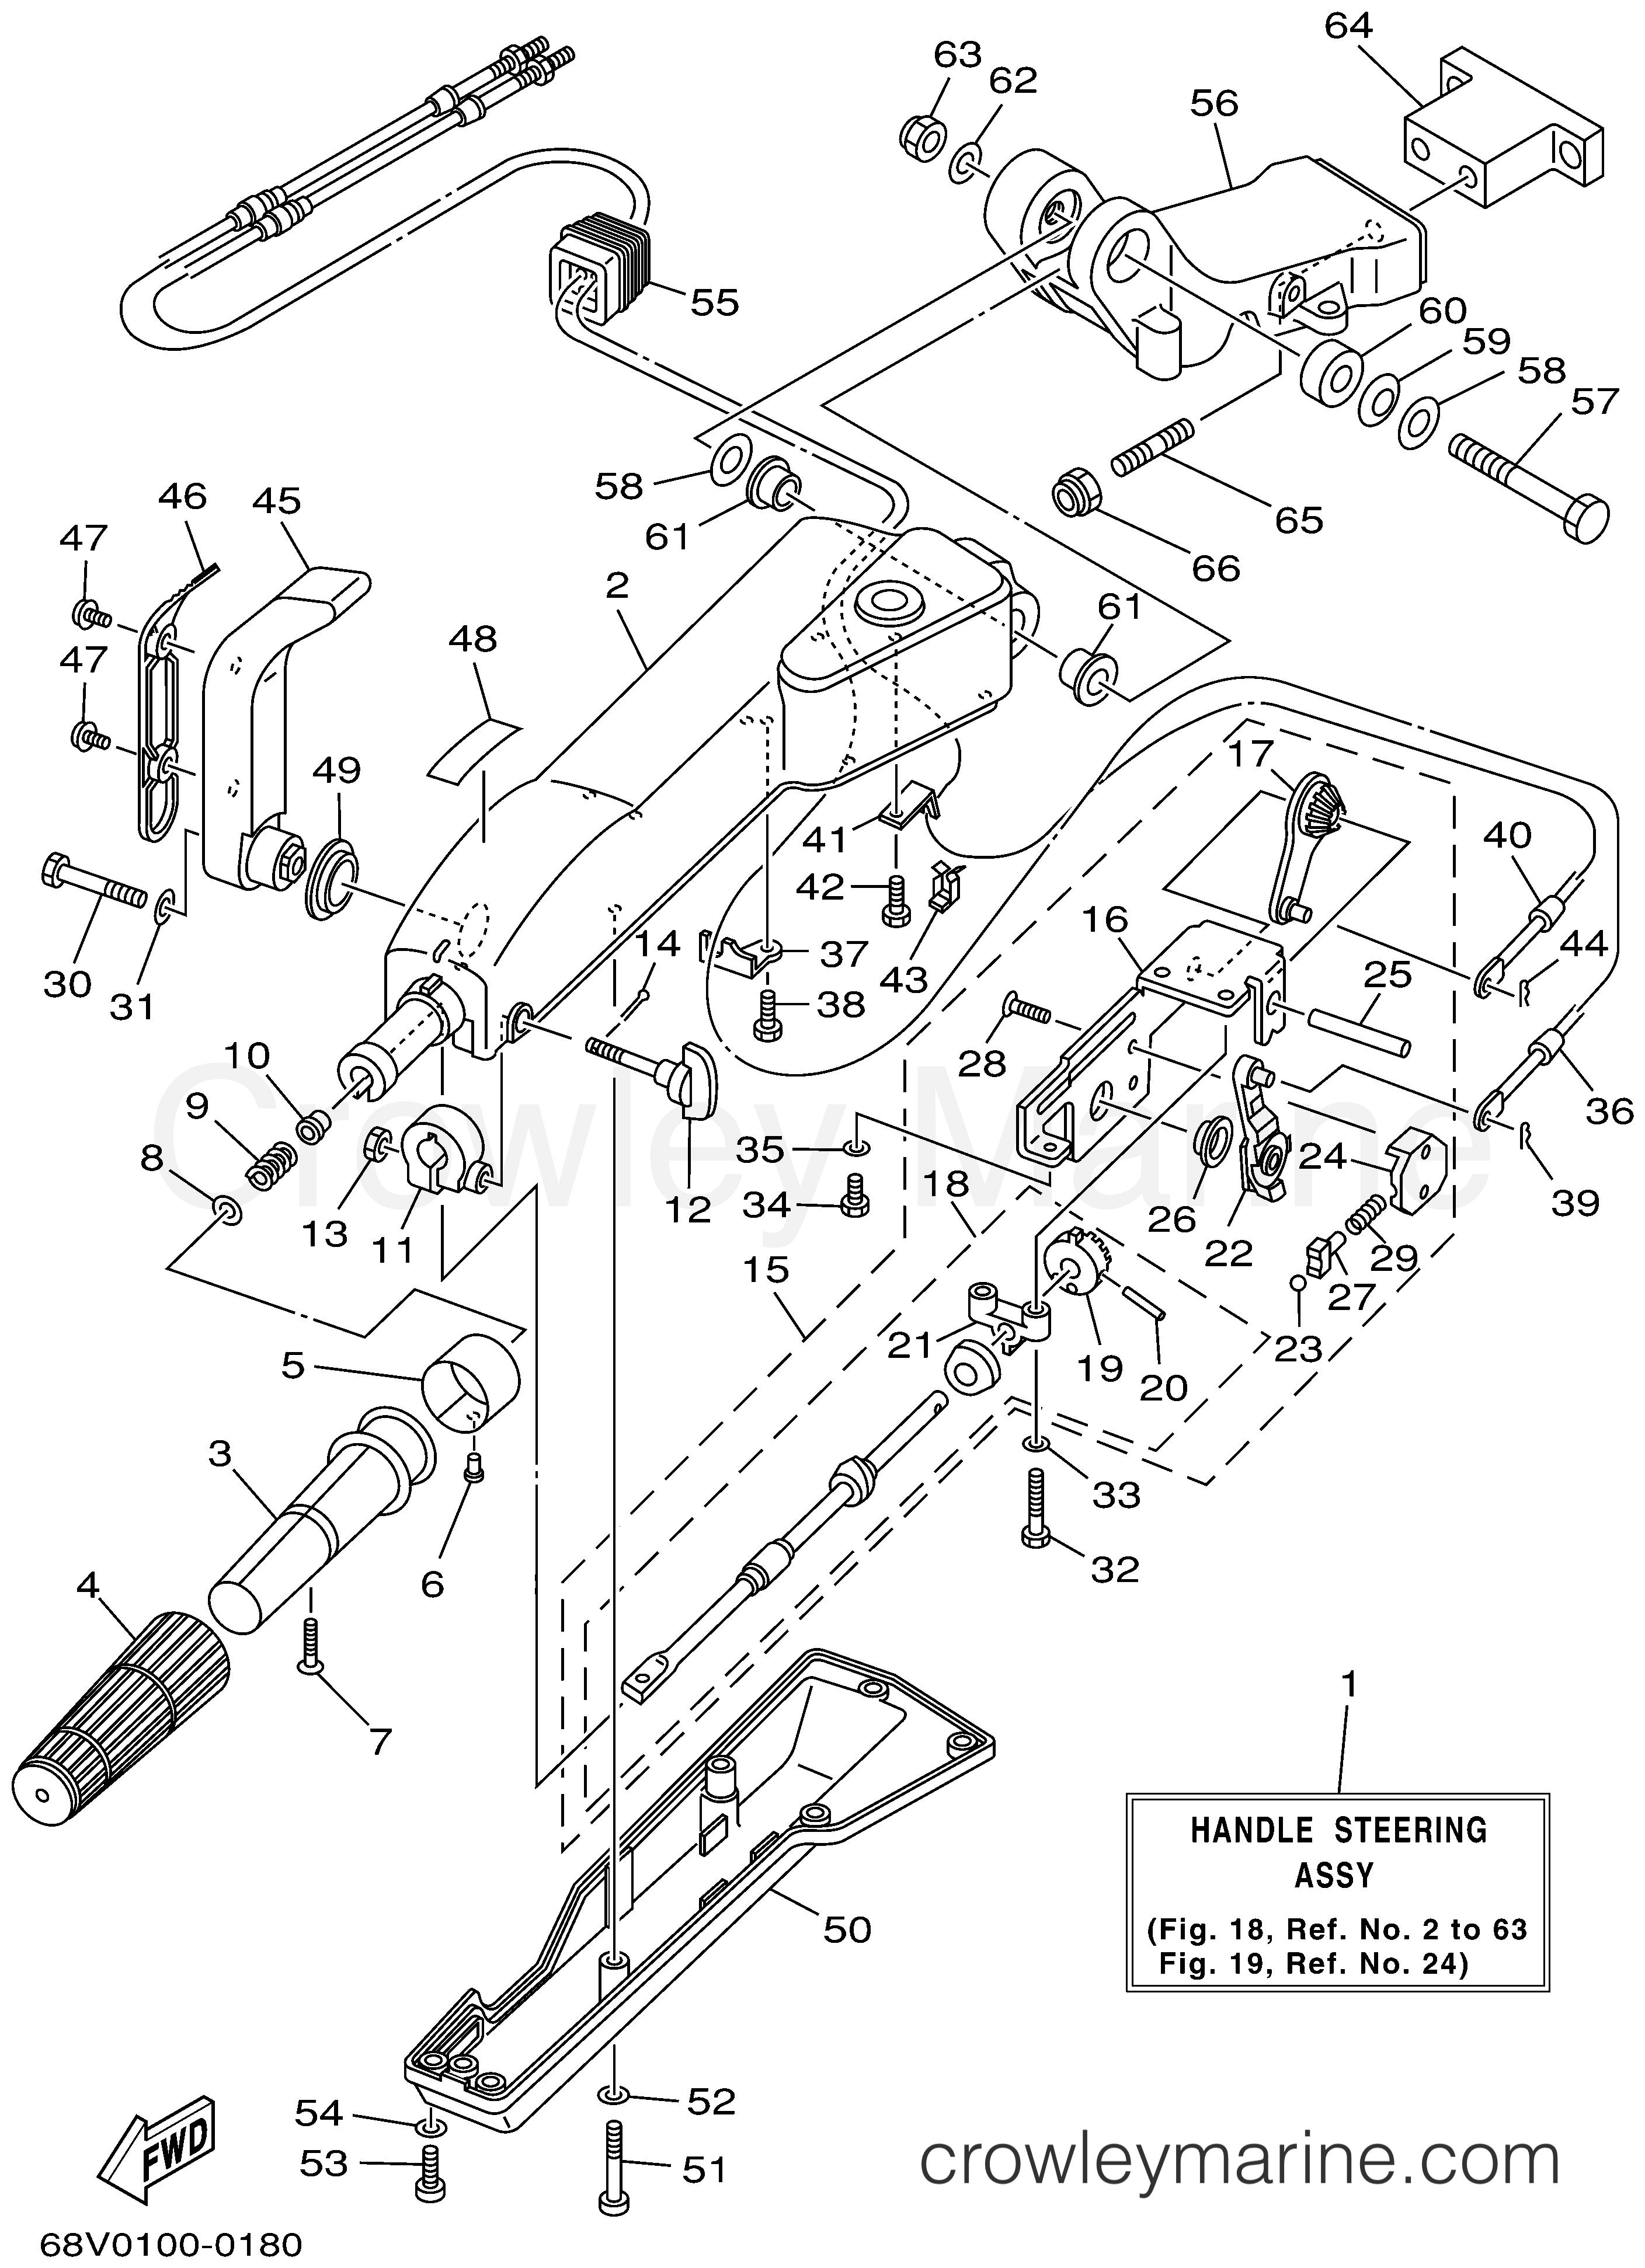 aBYO6C6e Yamaha F Wiring Diagram on yamaha 90 outboard 2 stroke wiring, 2008 yamaha outboard tach wiring, yamaha outboard control wiring diagram,